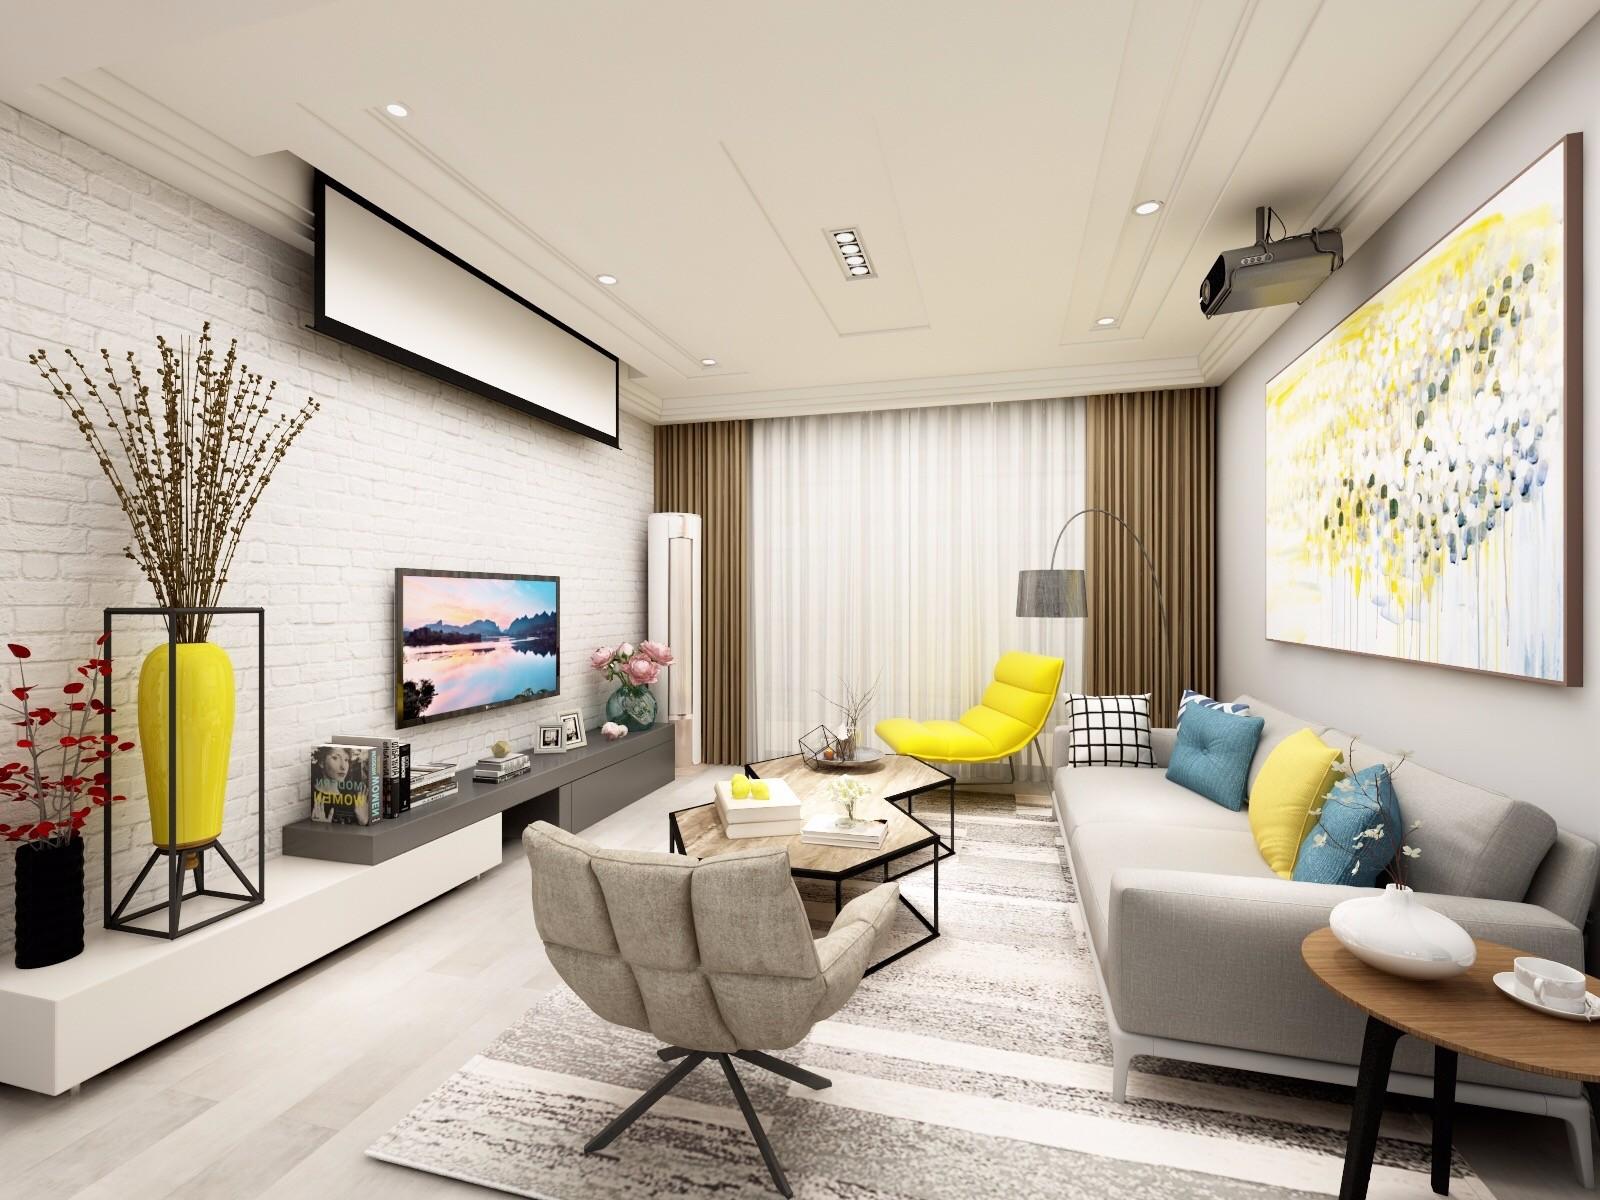 90平米简约风格客厅装修效果图